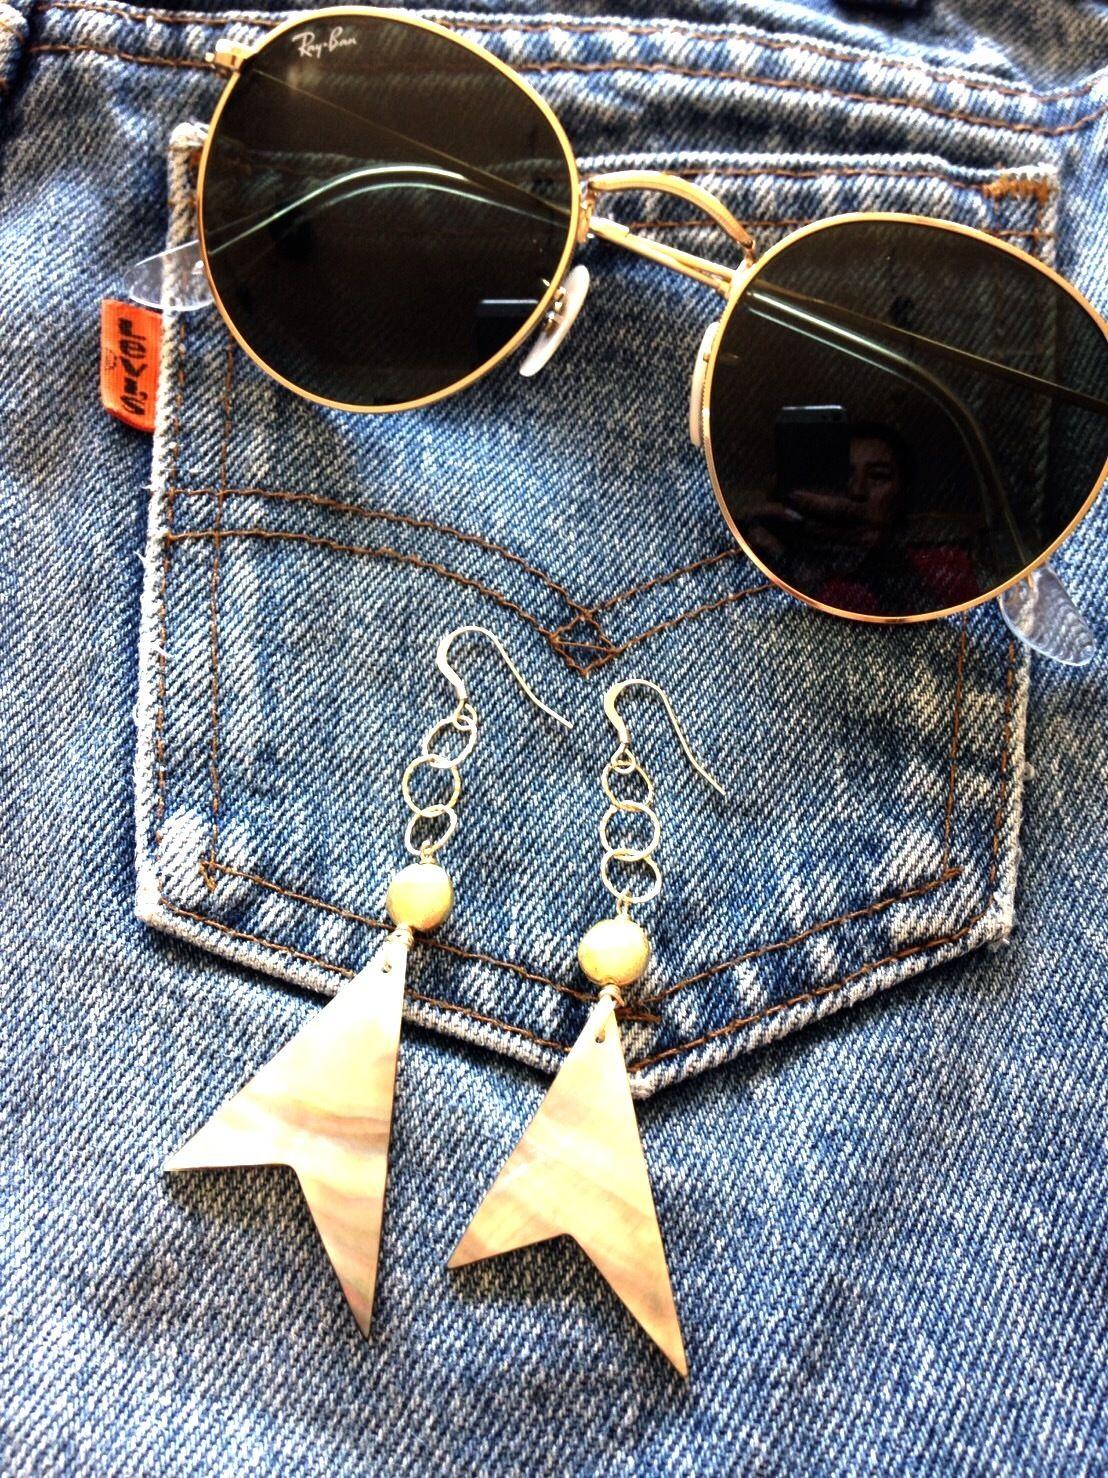 Vintage Style/Pierced Earring(c)